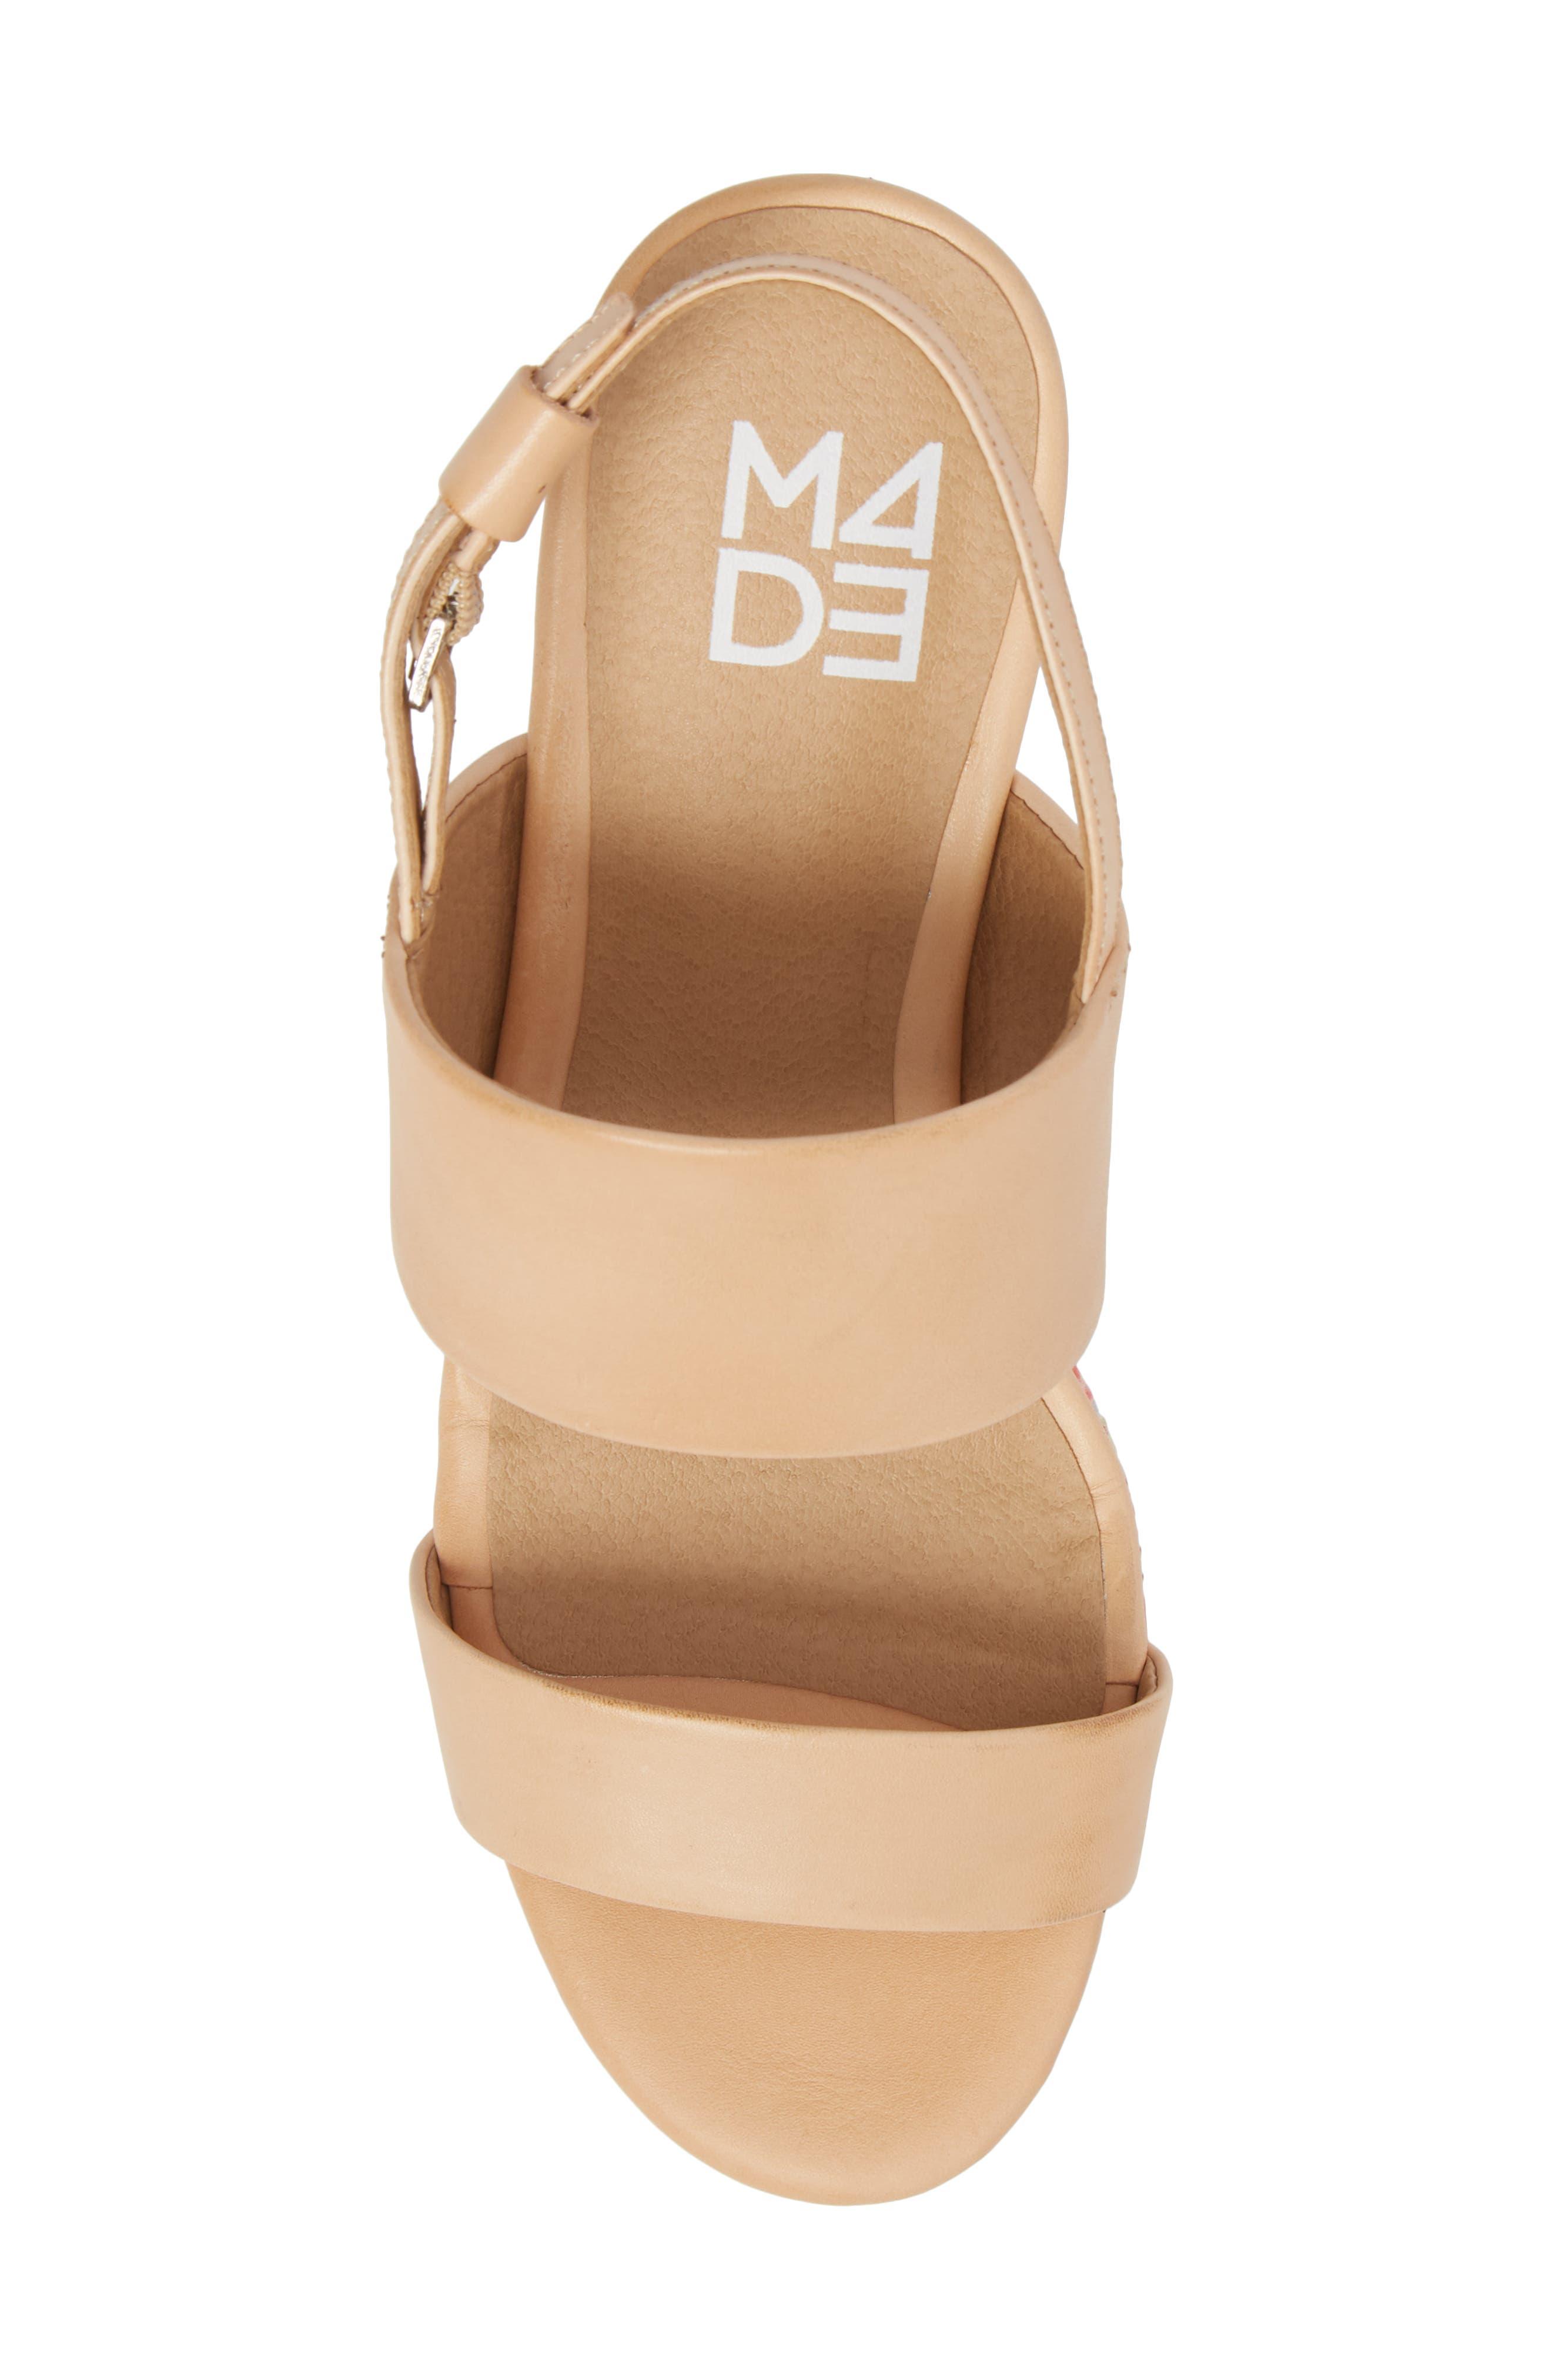 M4D3 Richmond Platform Sandal,                             Alternate thumbnail 5, color,                             NATURAL LEATHER